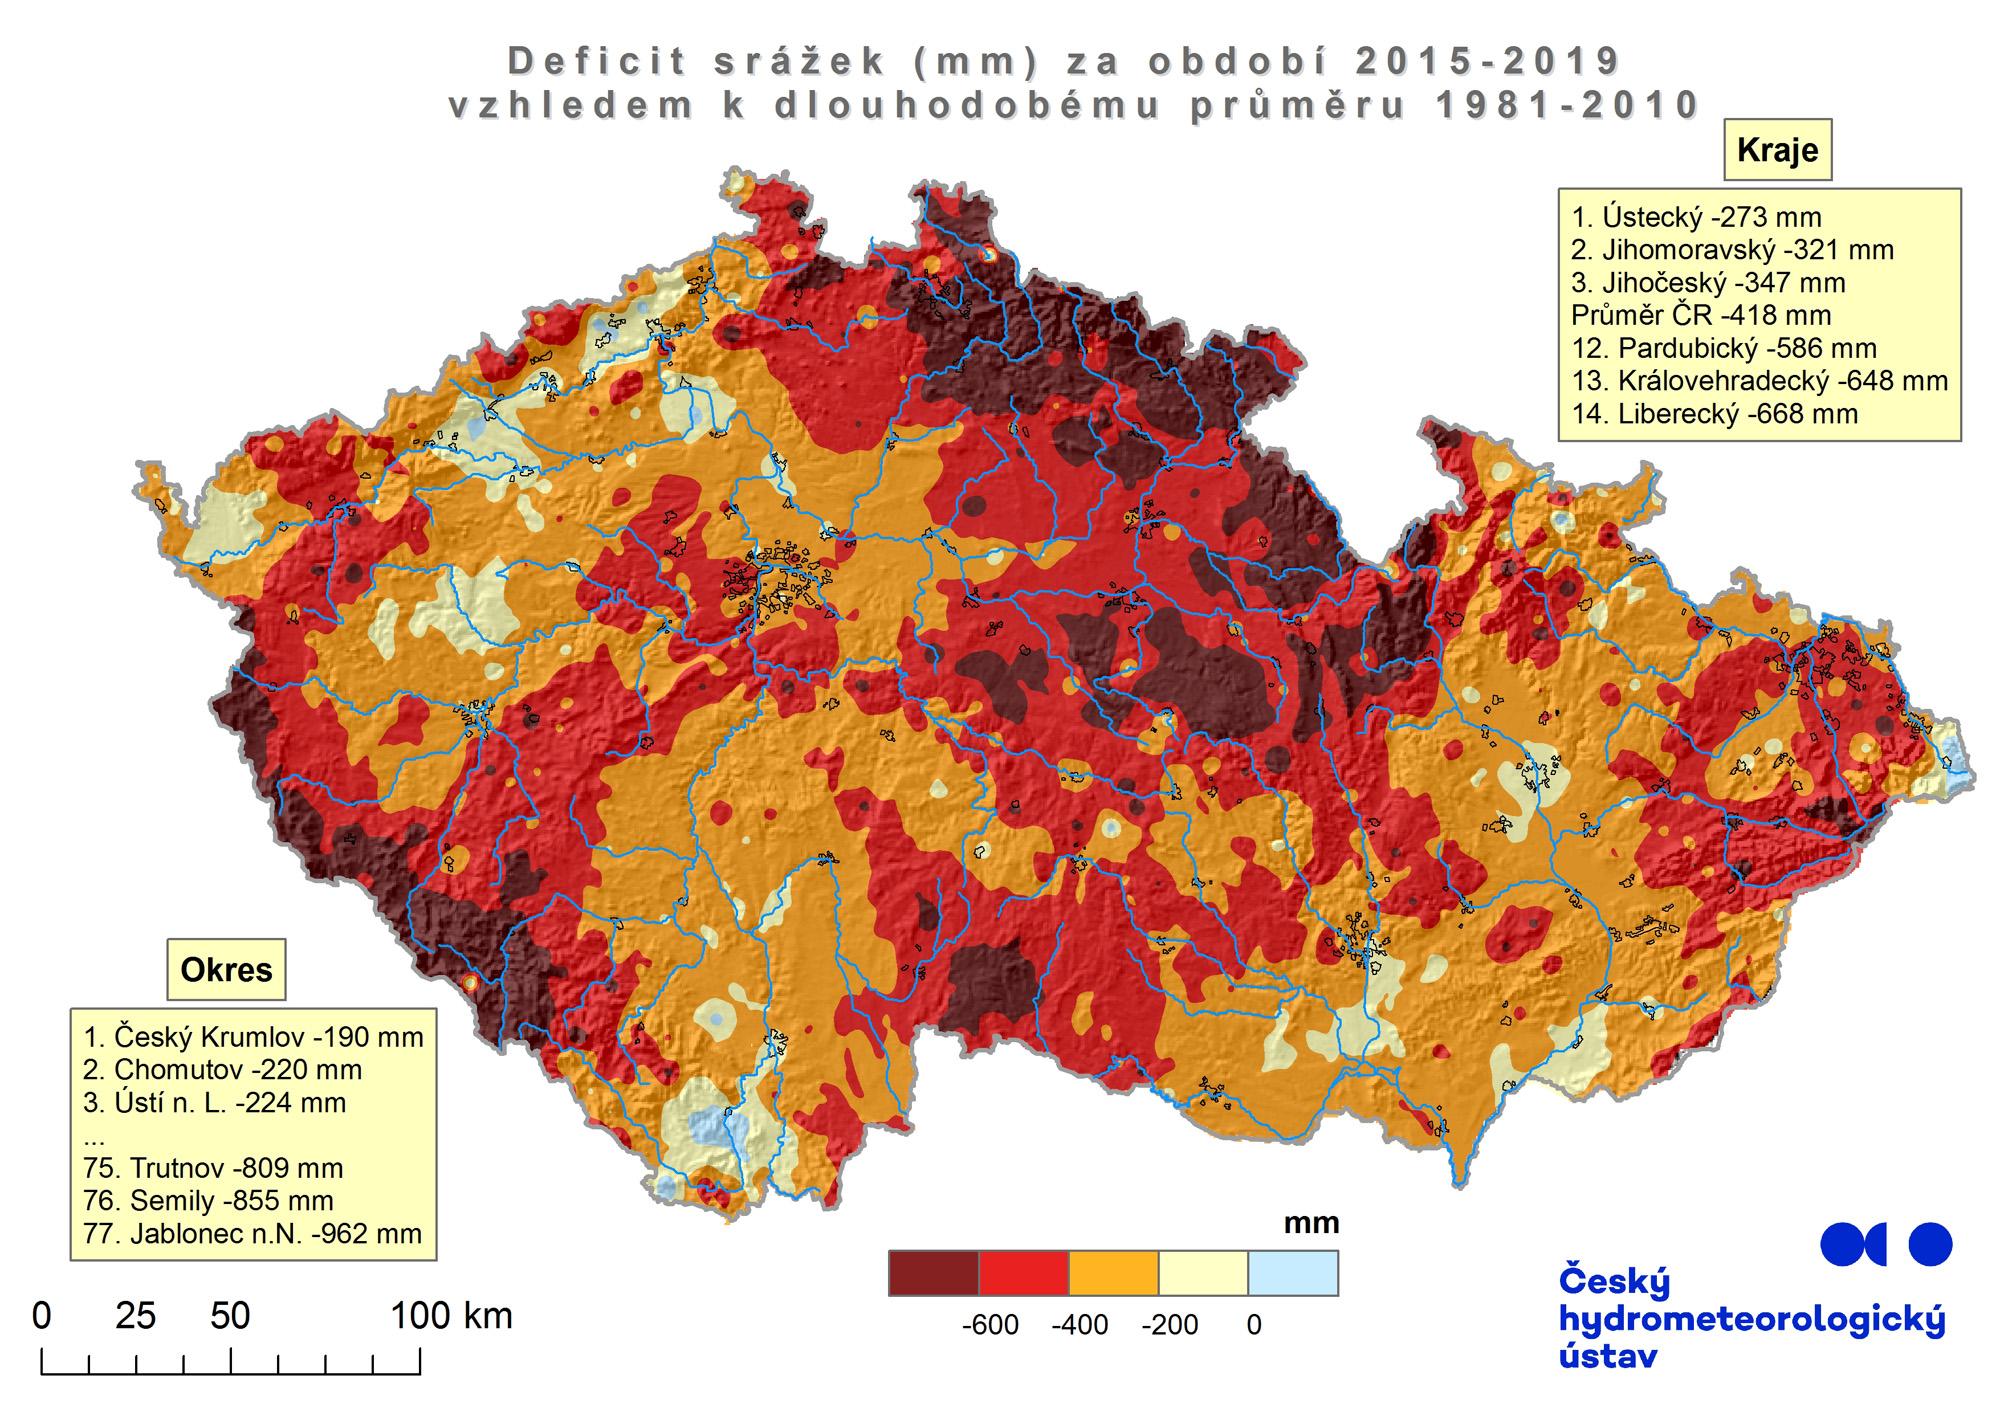 Deficit srážek za období 2015-20191 min čtení